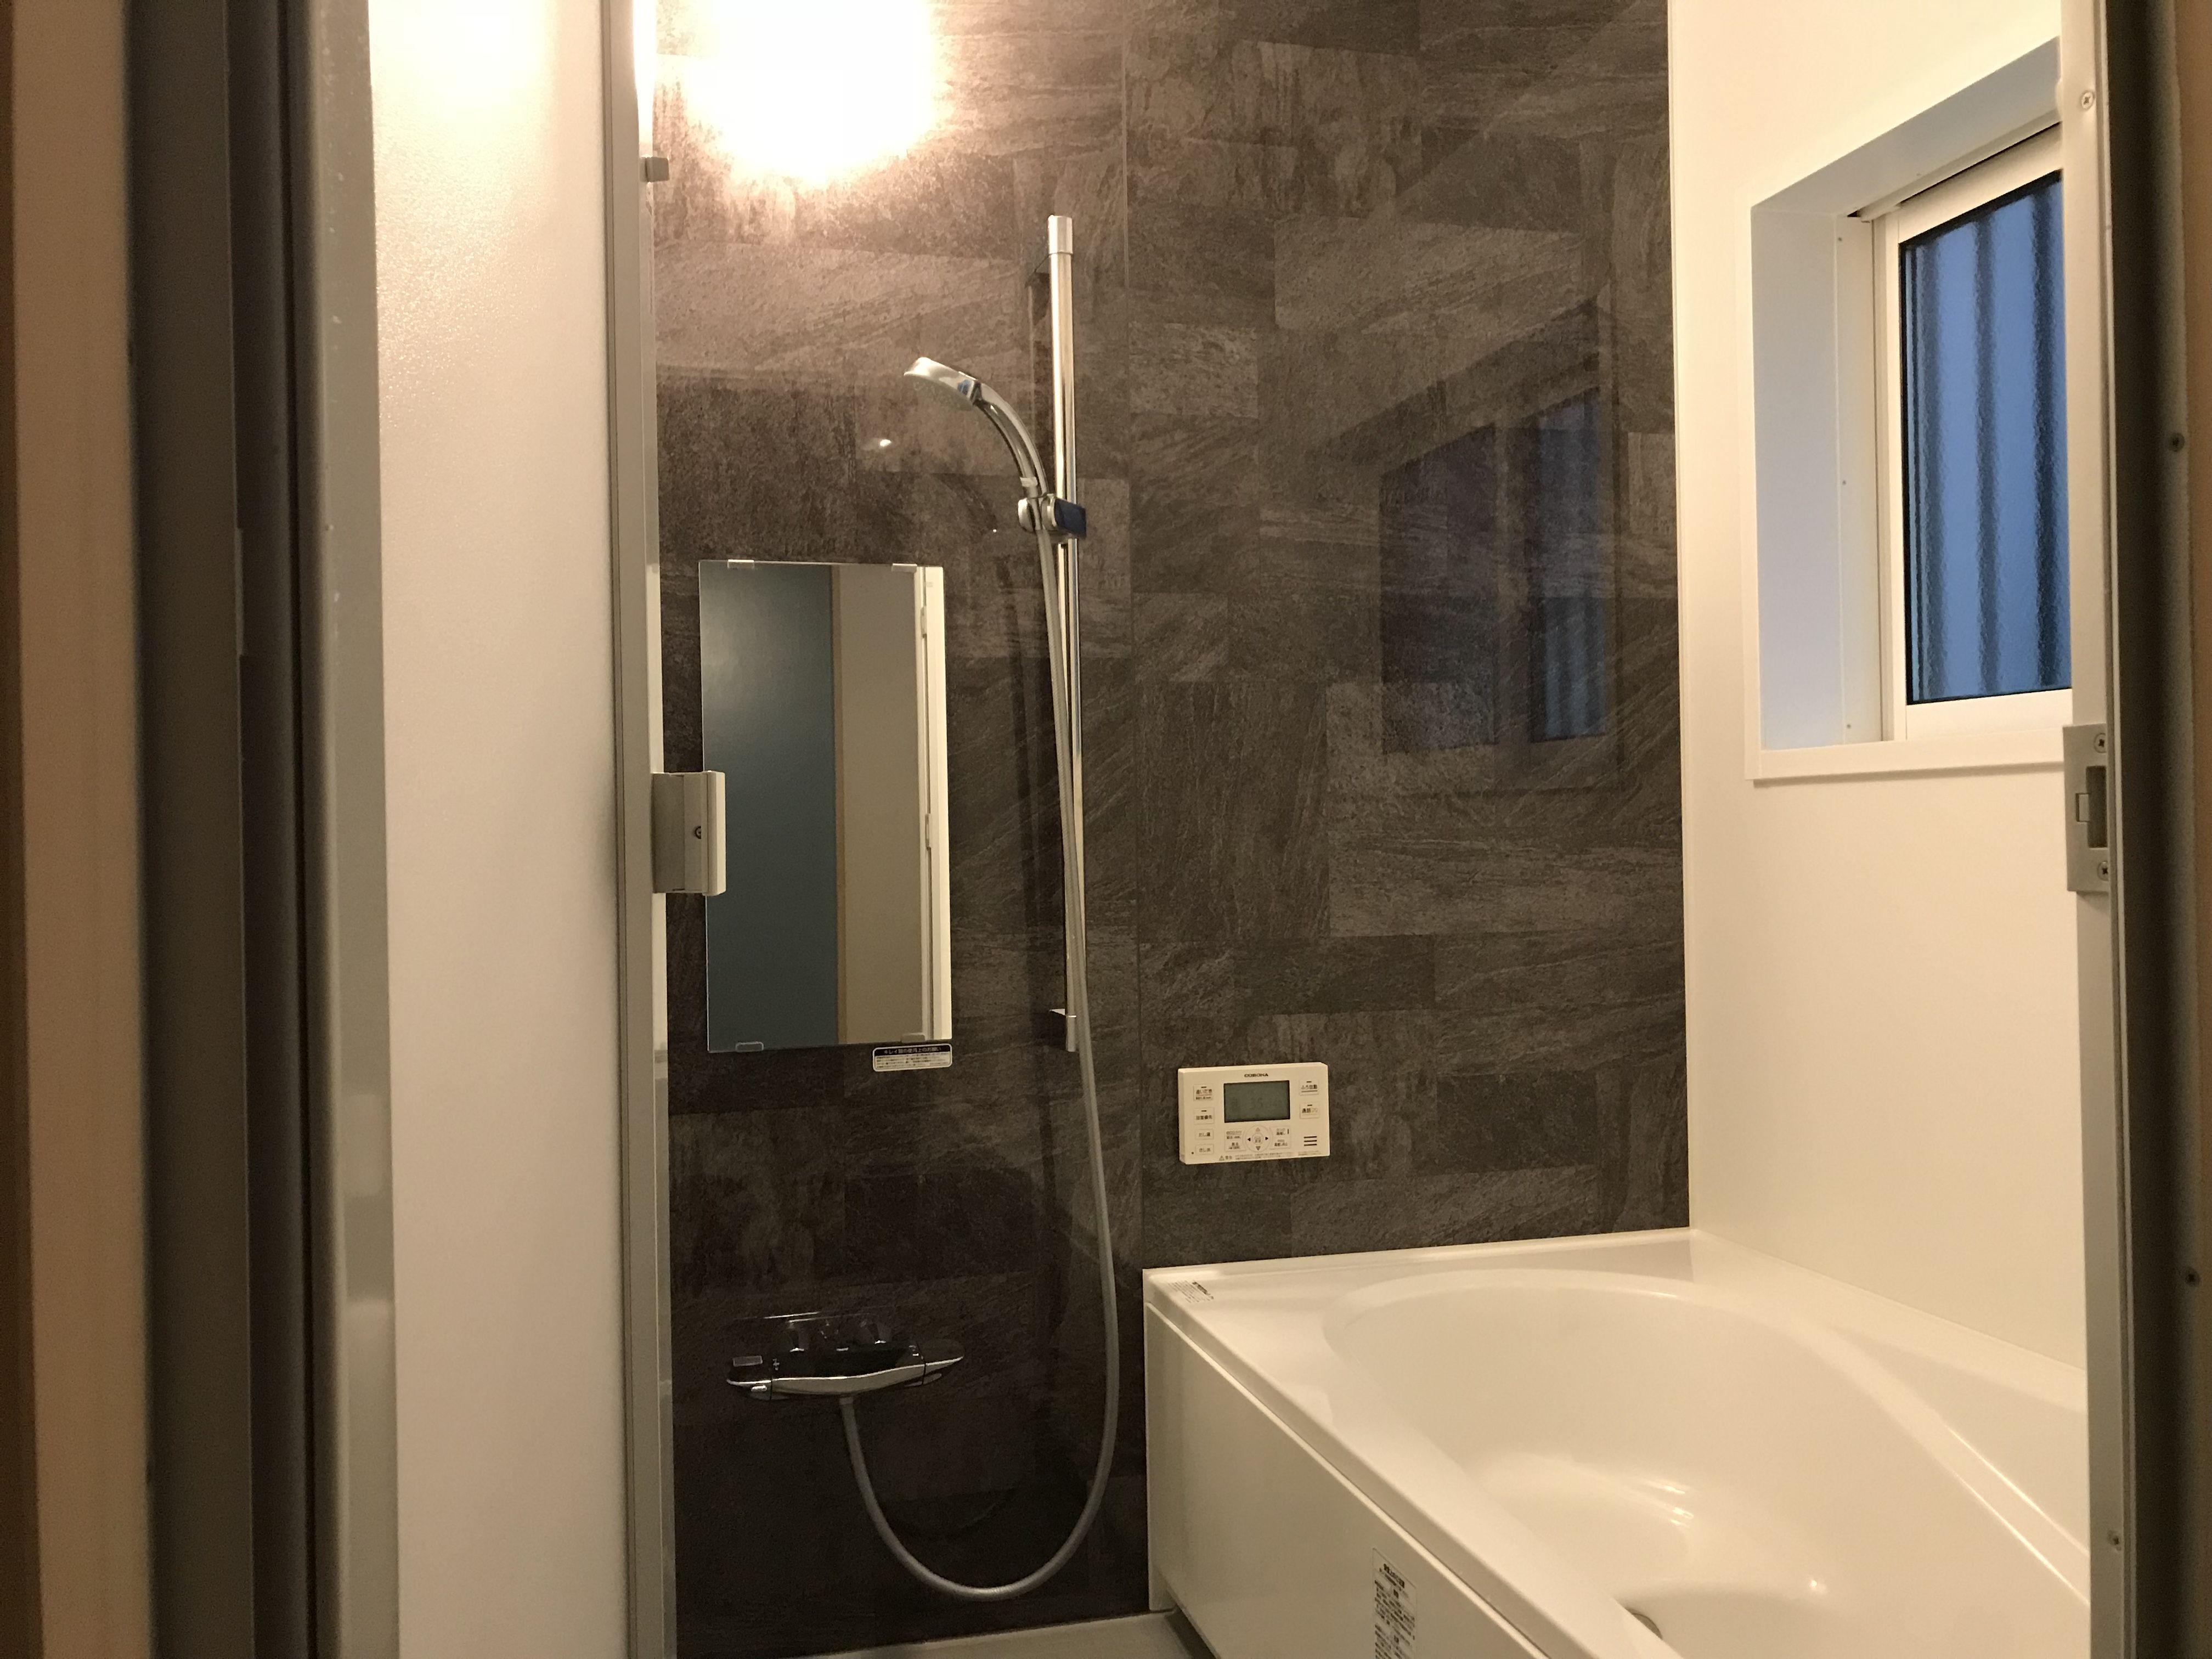 お風呂はリクシルのアライズをおすすめ 掃除のしやすさにこだわってつけたオプションとは アライズ リクシル お風呂 風呂